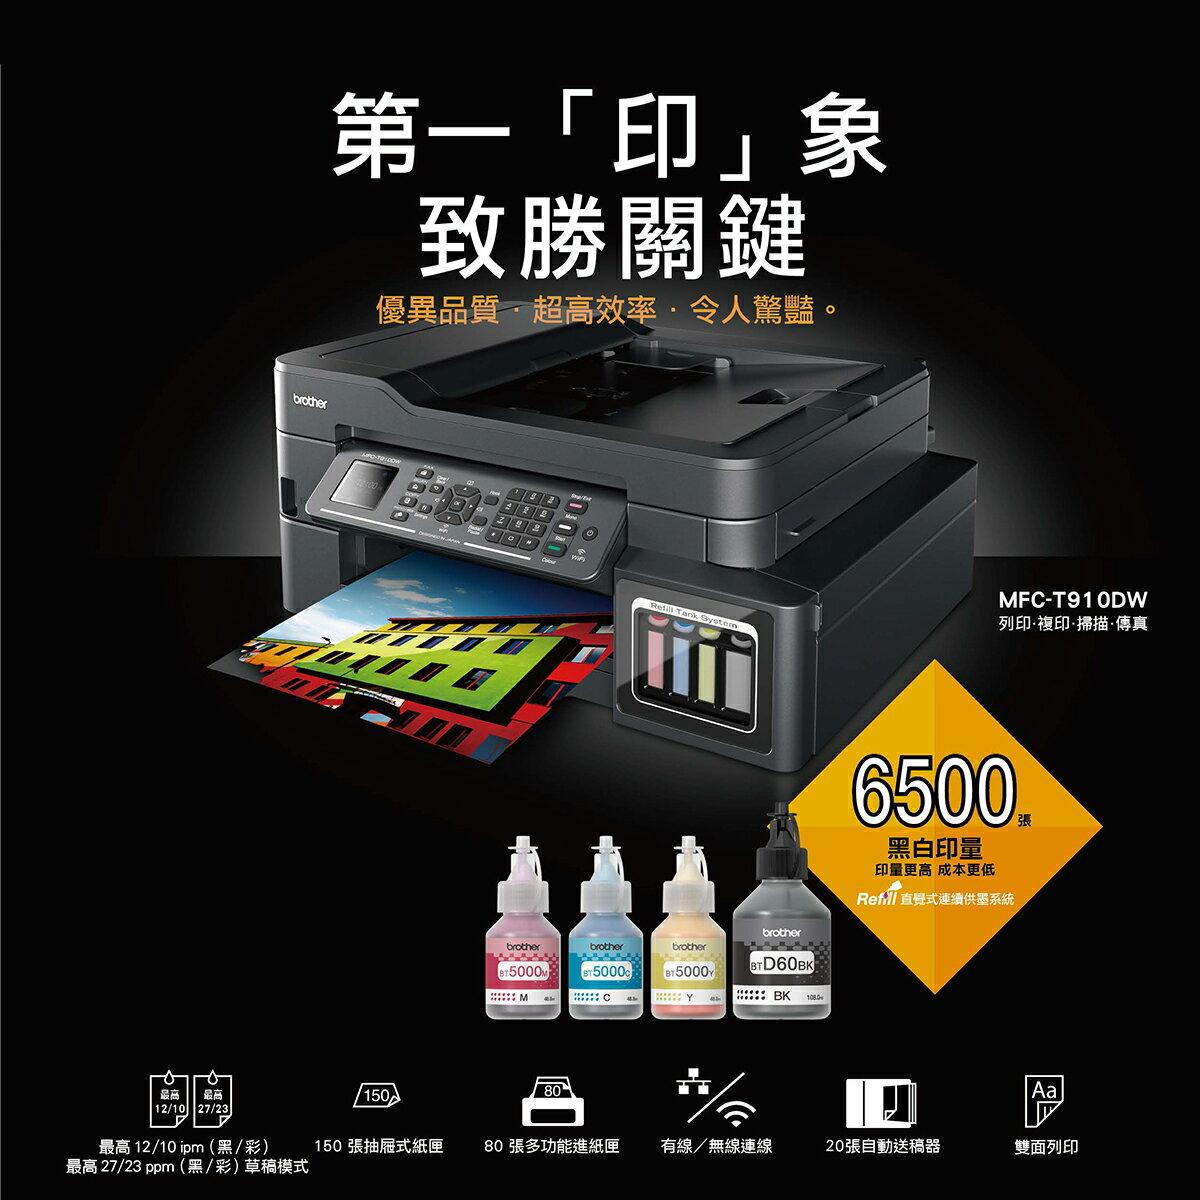 Brother DCP-T510W 原廠大連供五合一WIFI複合機 列印 複印 掃描